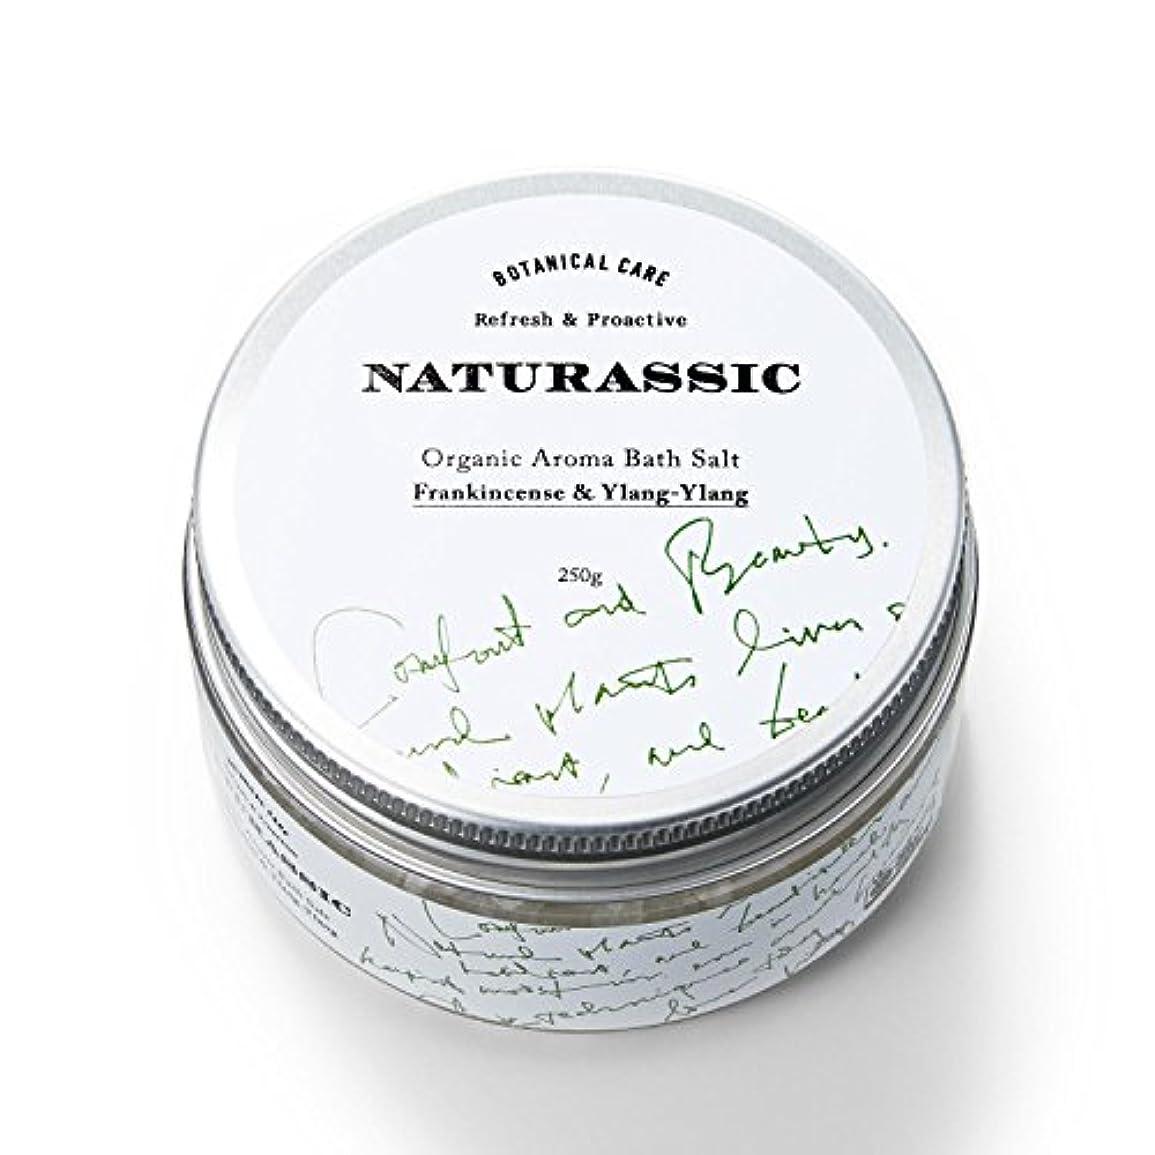 まで望まない法廷ナチュラシック [ACO認定] オーガニックアロマバスソルトFY フランキンセンス&イランイランの香り 250g [オーガニック原料100%]